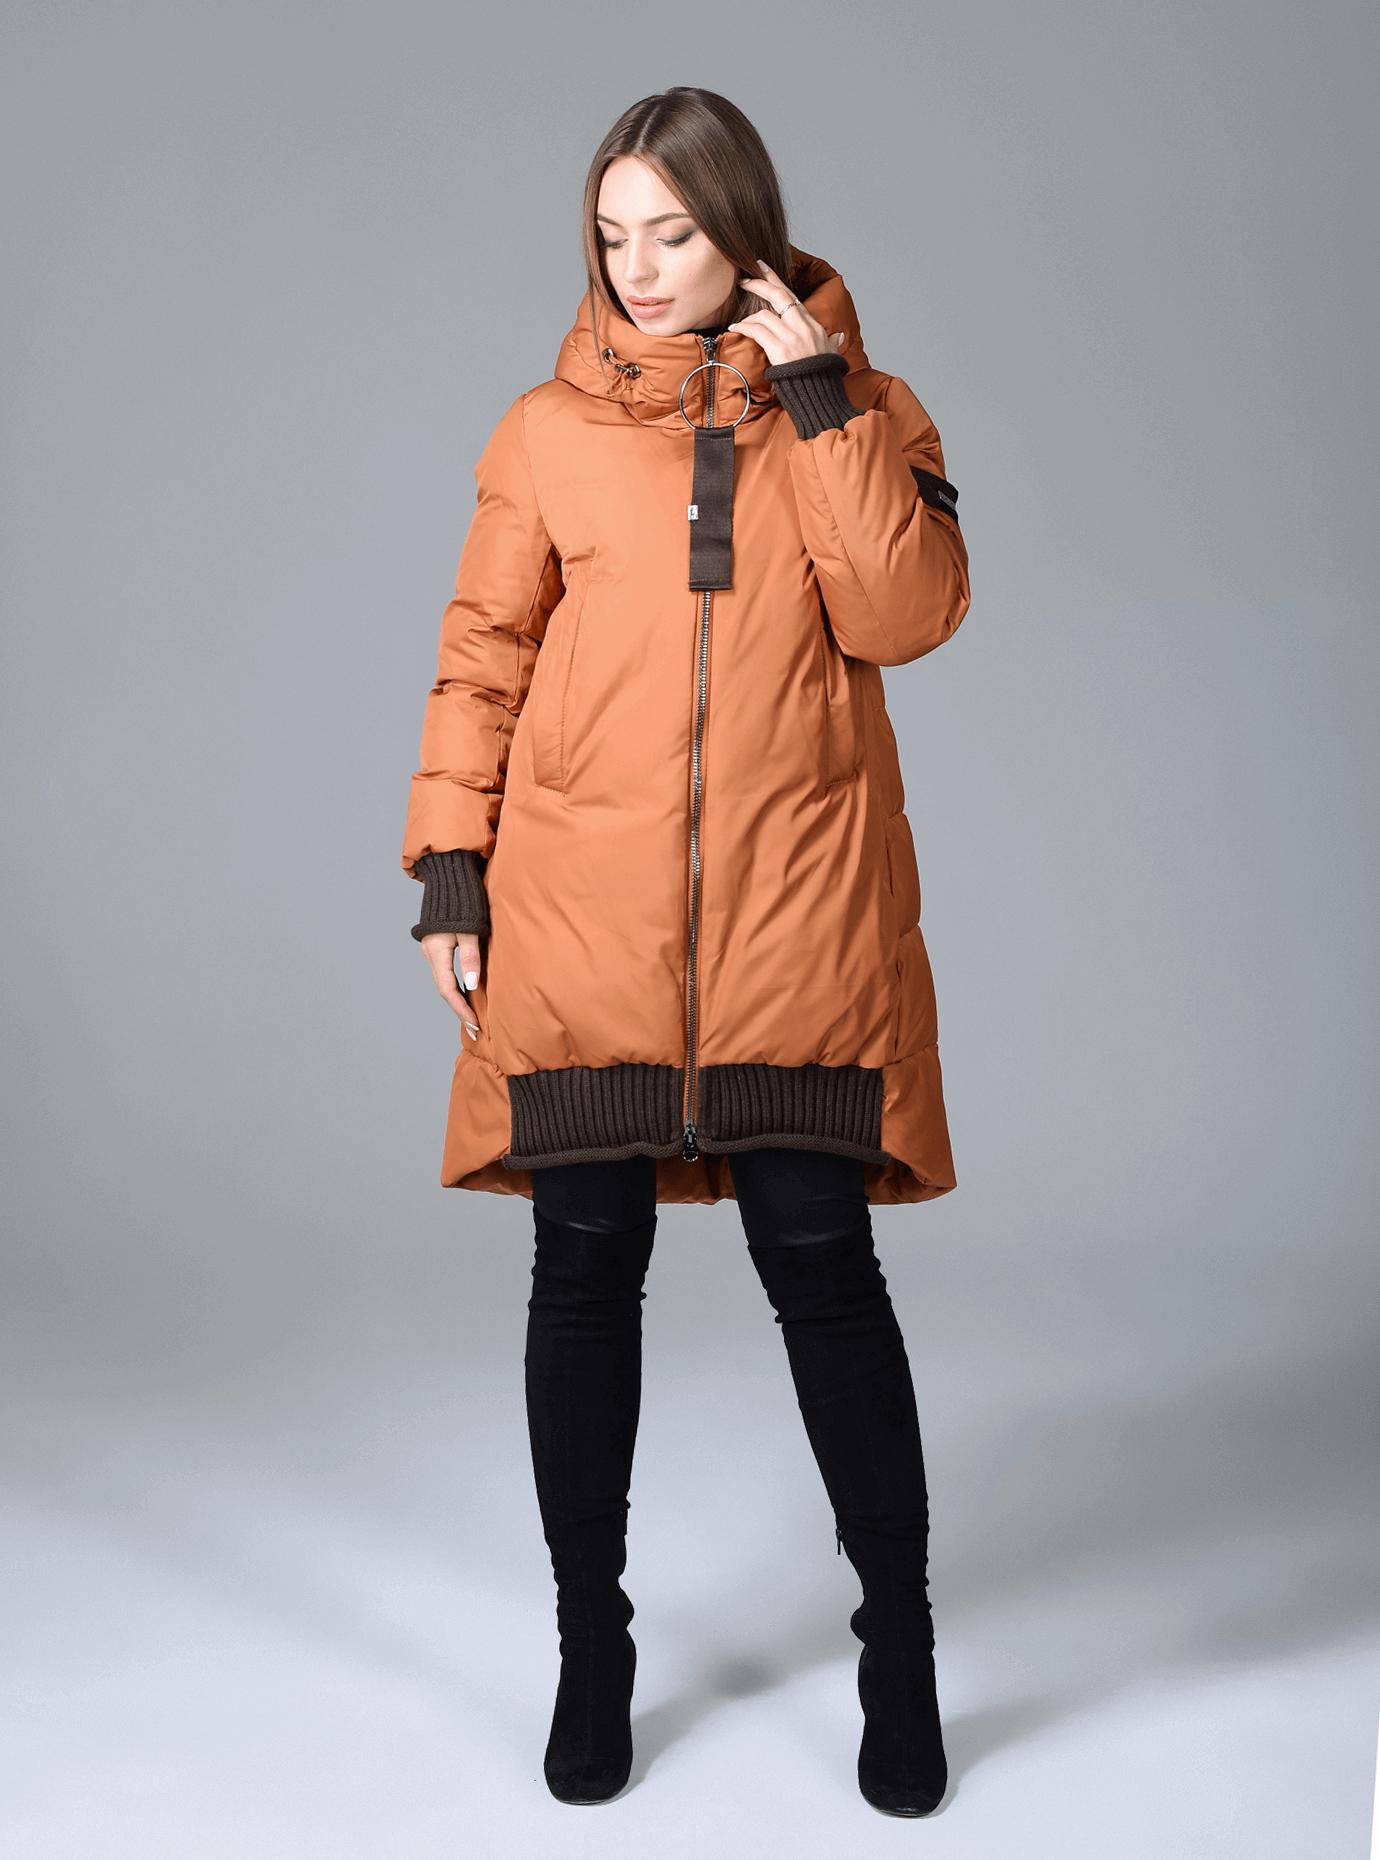 Куртка зимняя женская с довязом Чёрный S (02-CR170269): фото - Alster.ua